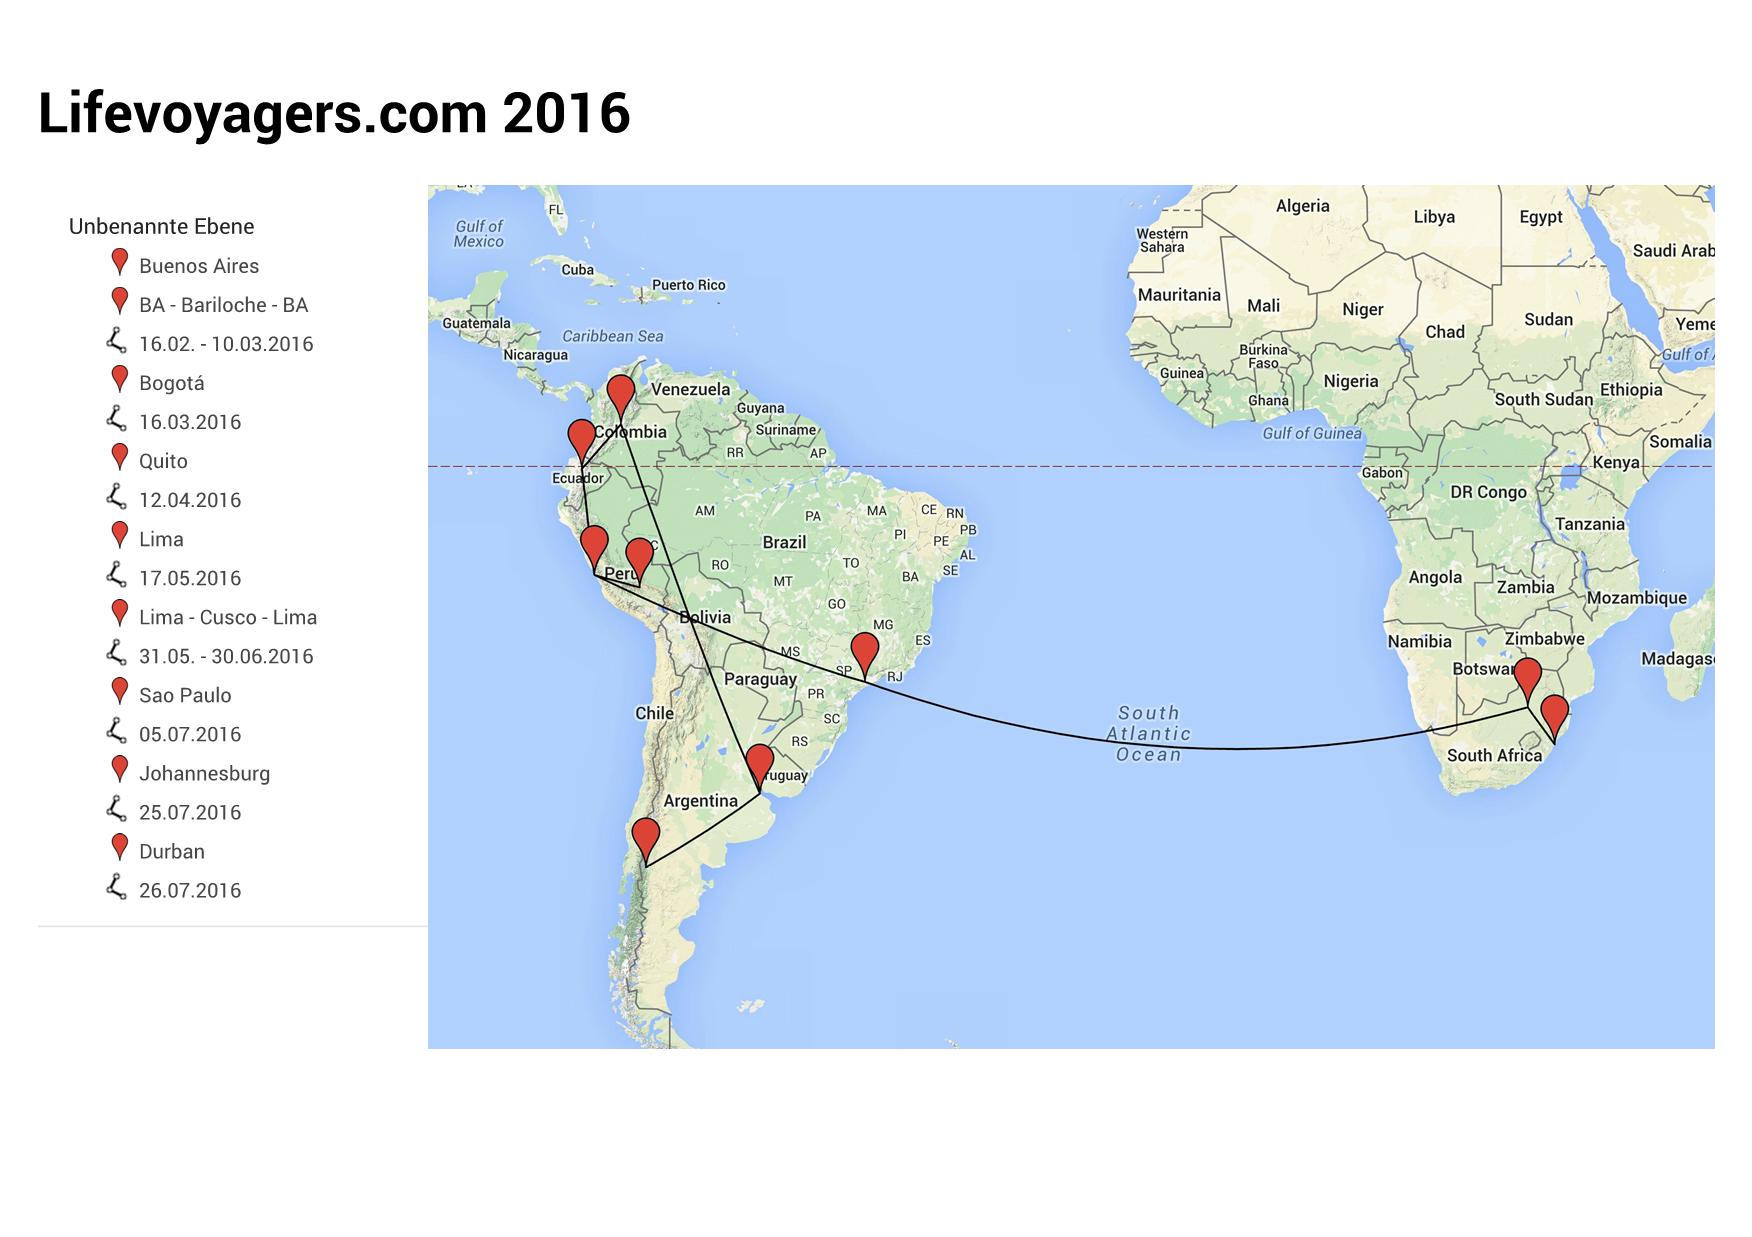 20160207_lifevoyagers-com-2016-kopie